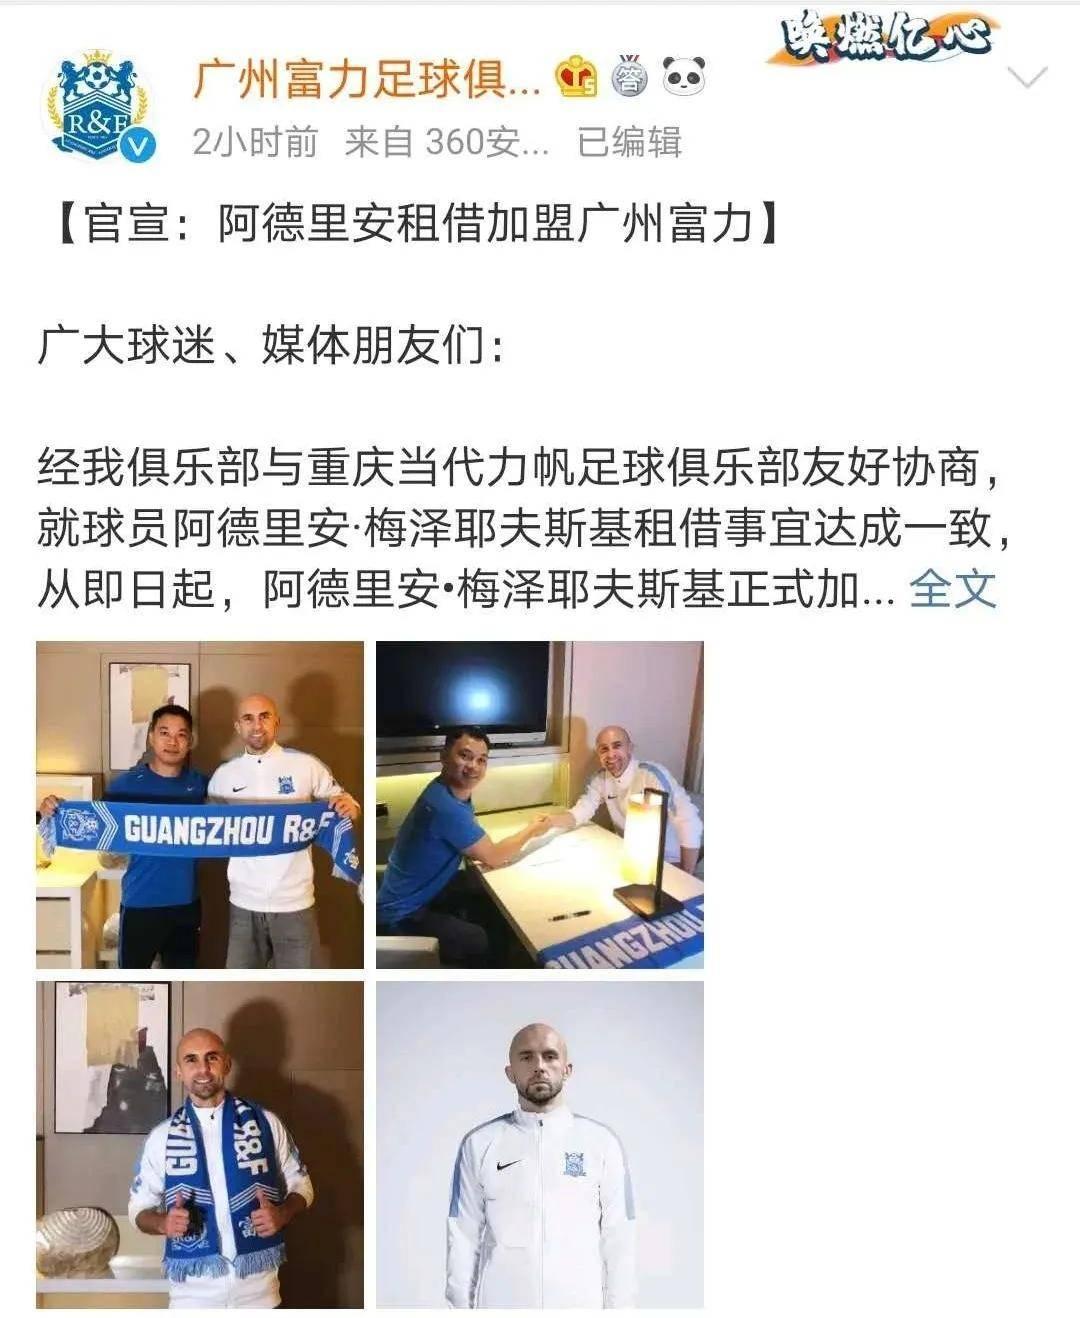 重庆队神操作背后折射中国足球顽疾 各队不妨学习申花